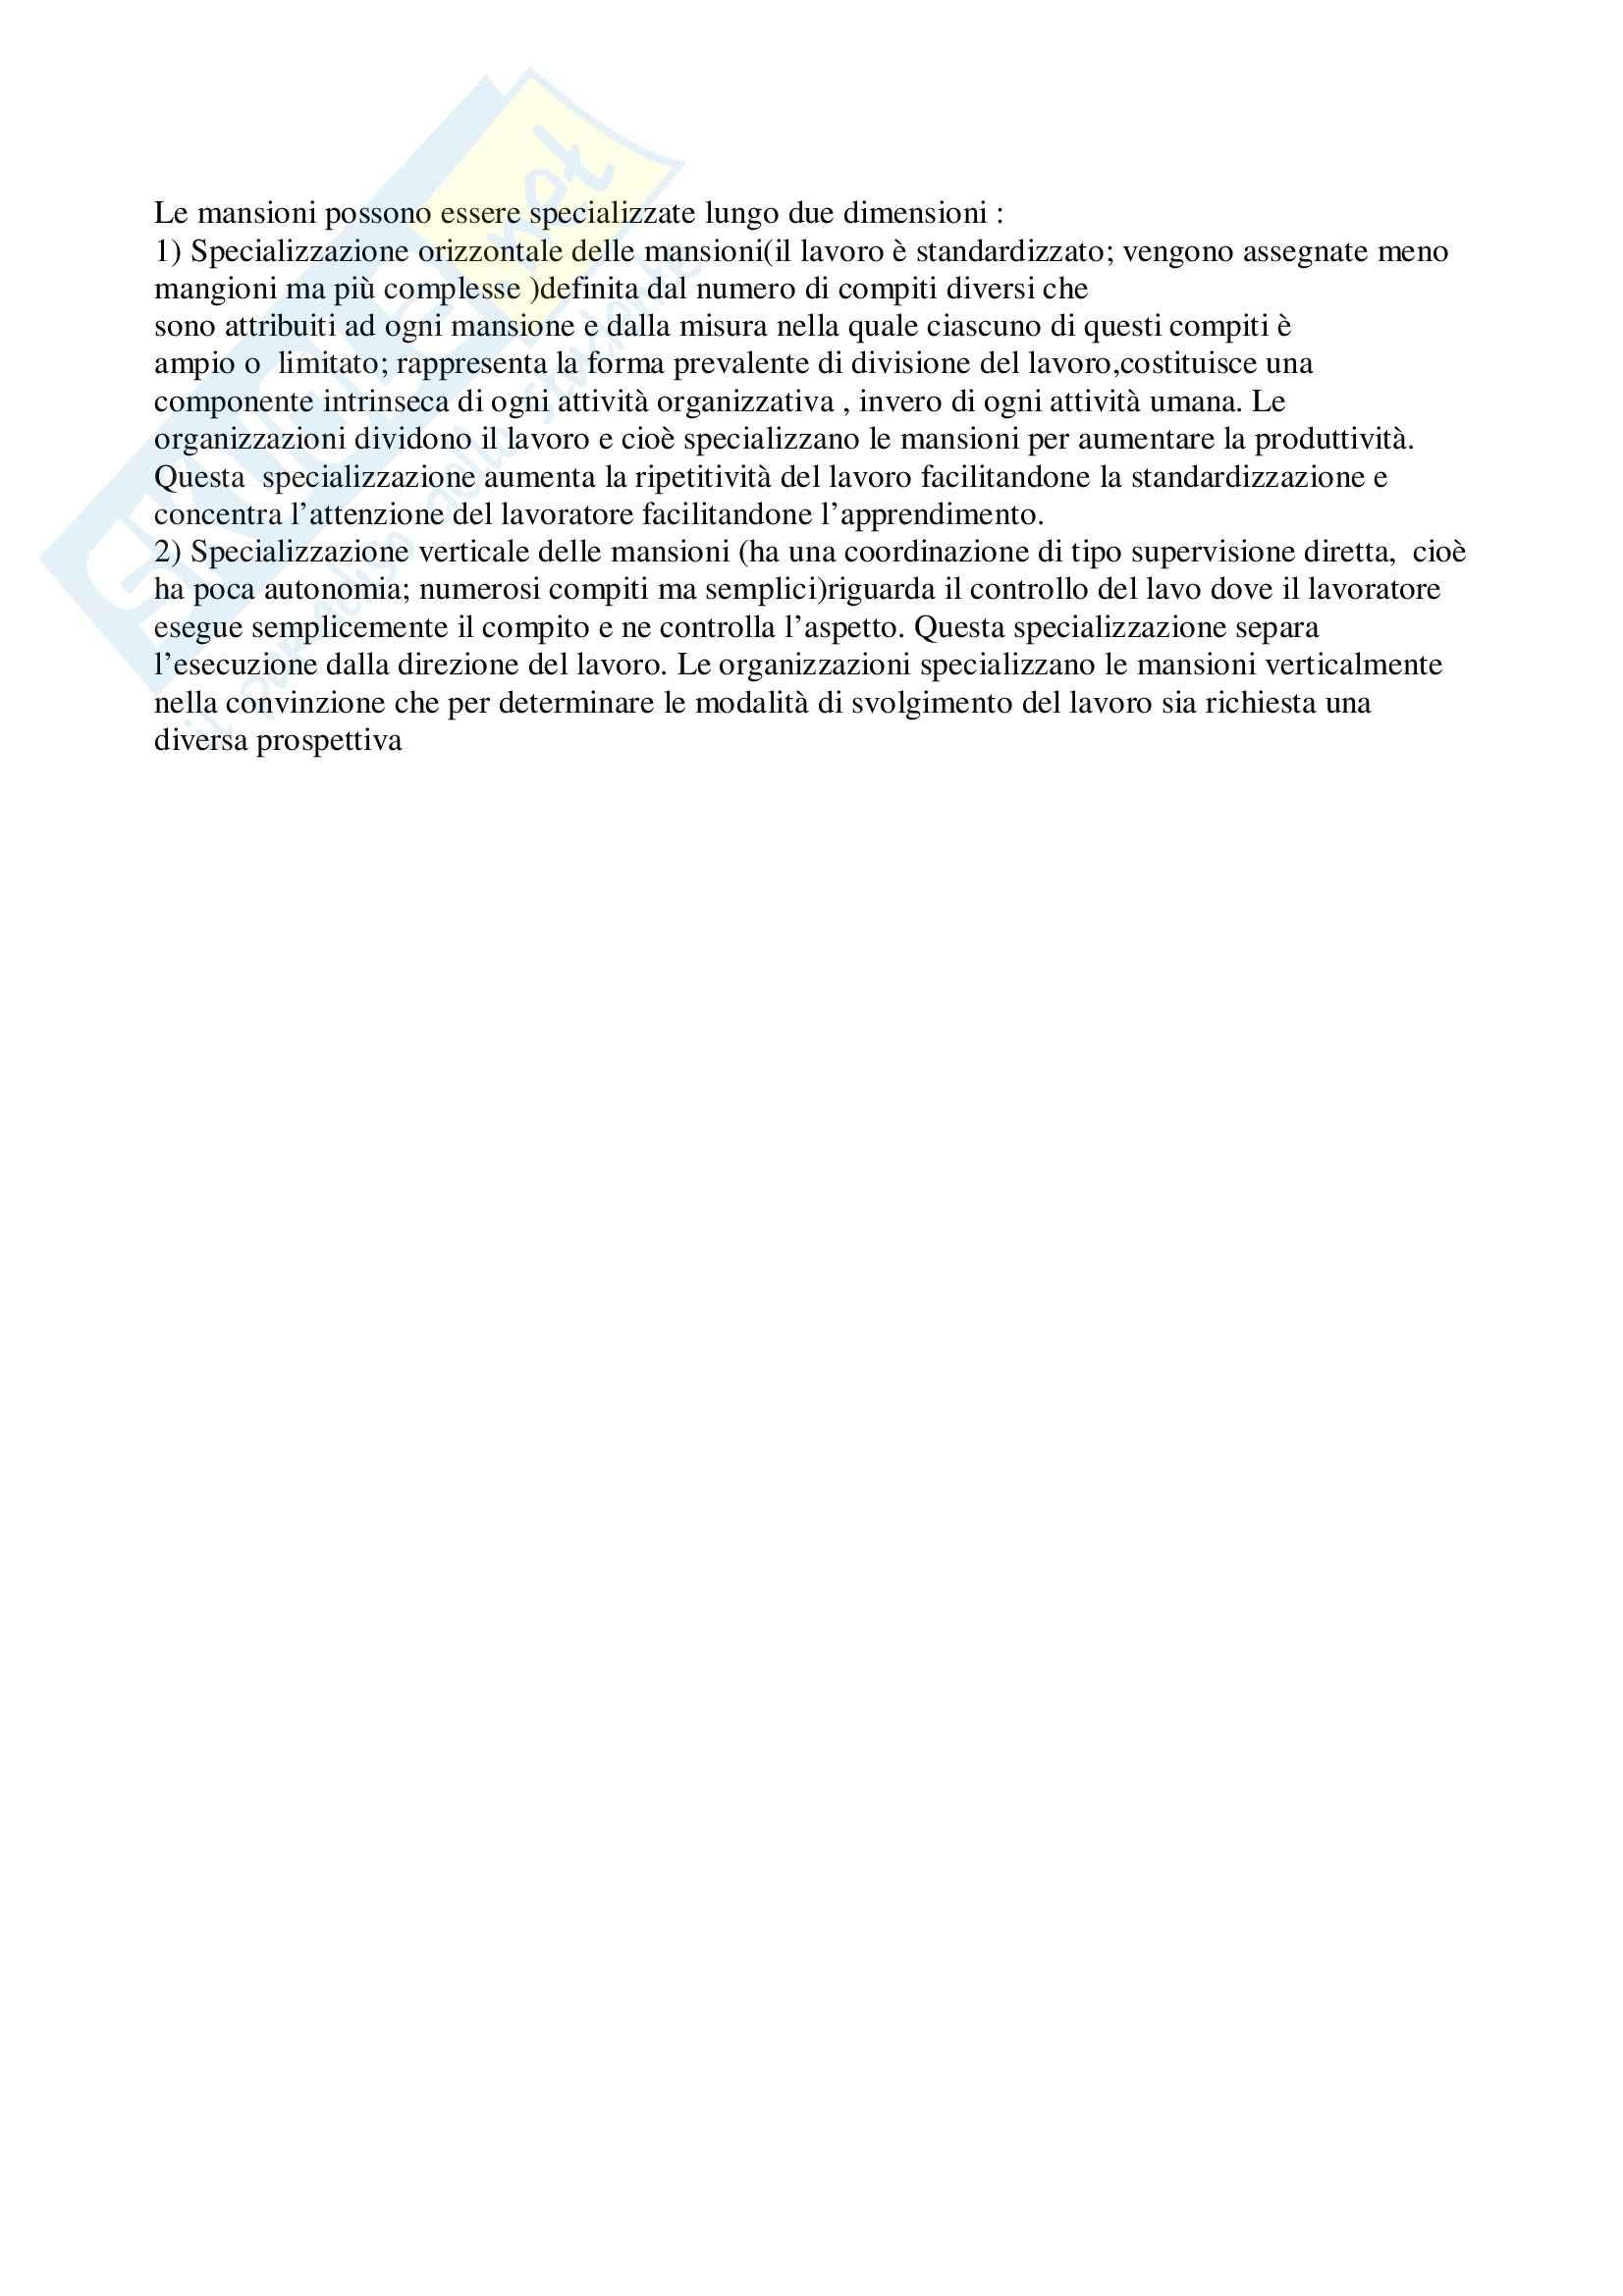 Organizzazione aziendale - Specializzazione delle mansioni